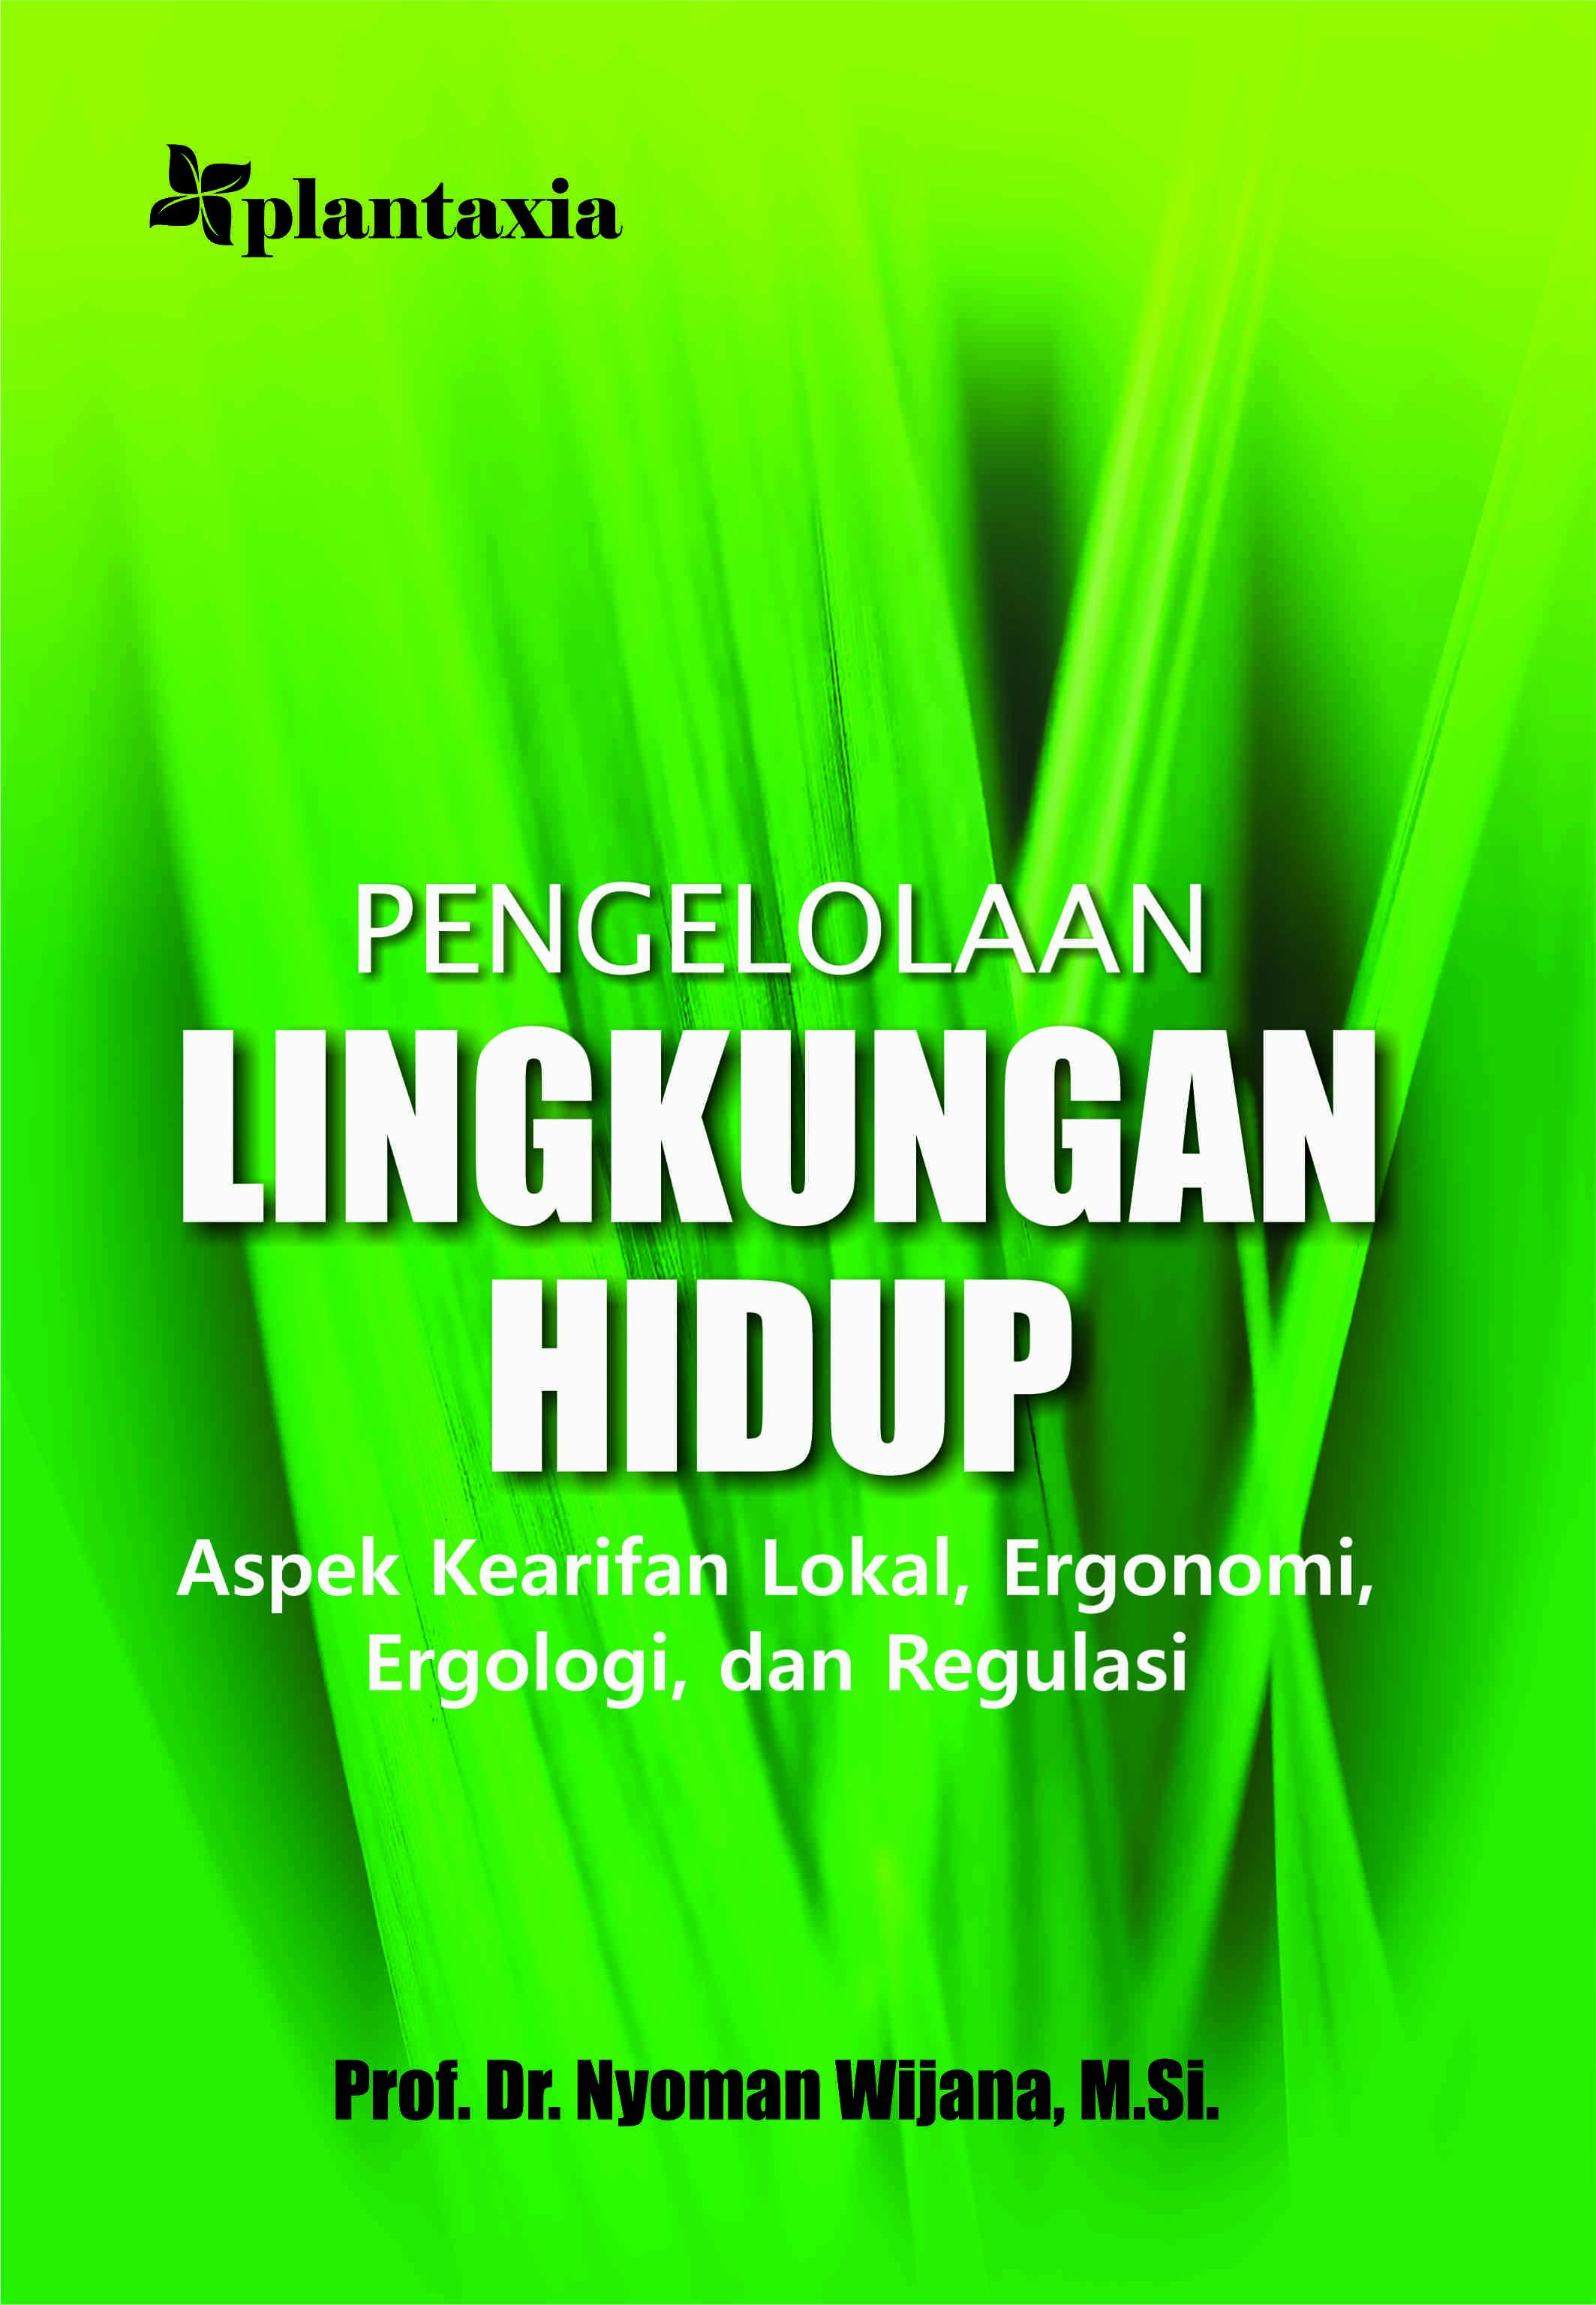 Pengelolaan Lingkungan Hidup; Aspek Kearifan Lokal, Ergonomi, Ergologi, dan Regulasi